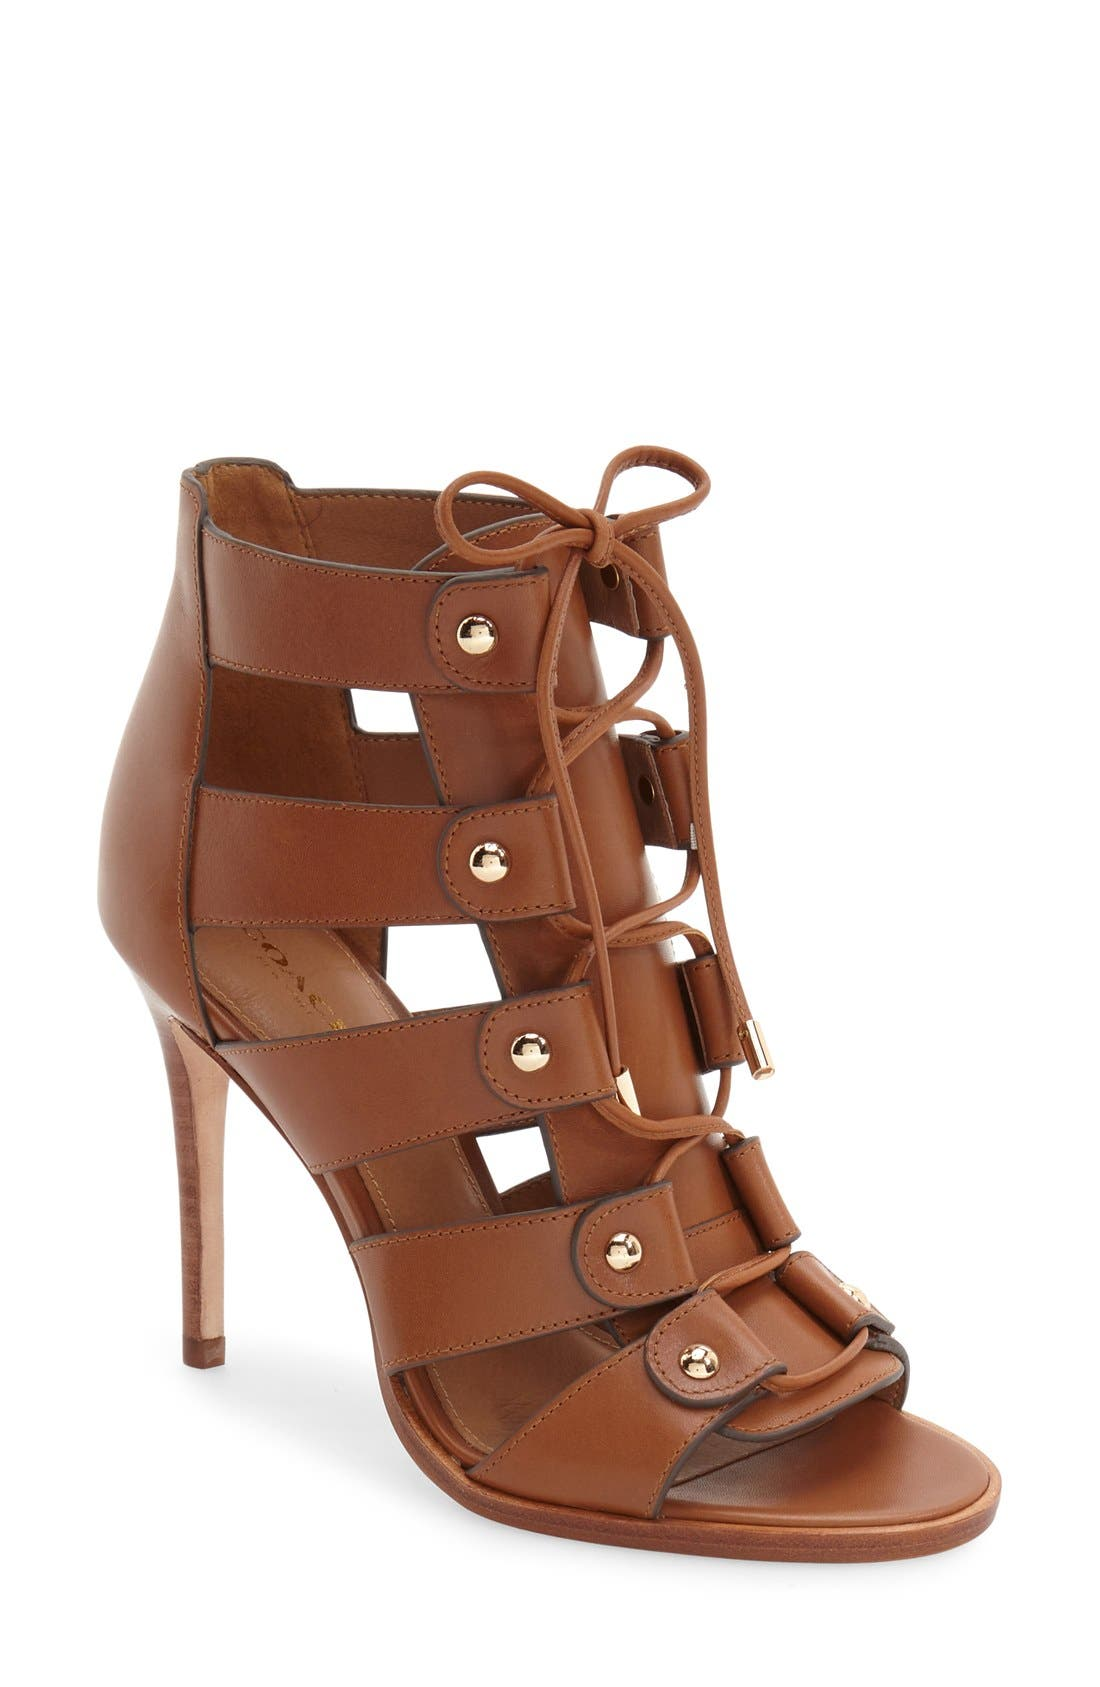 Main Image - COACH 'Leslie' Lace-Up Sandal (Women)